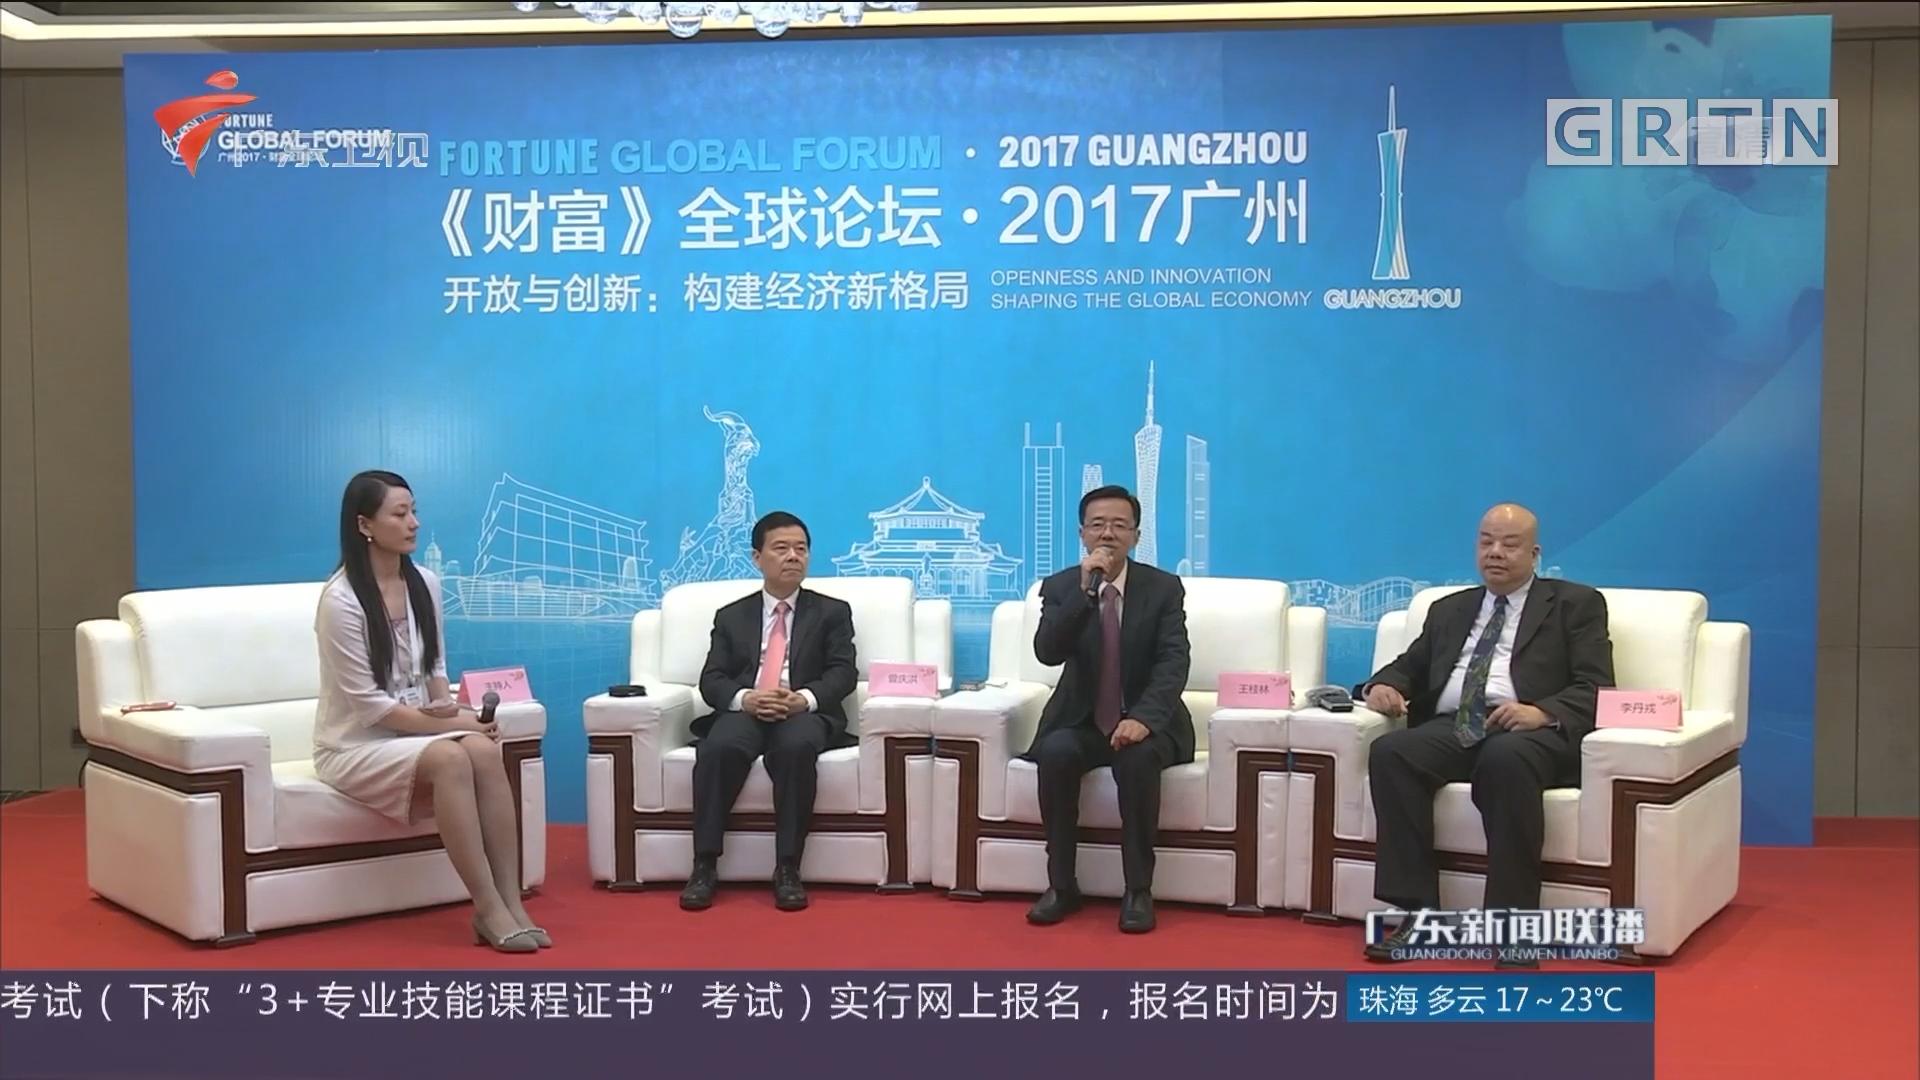 2017广州《财富》全球论坛首场发布会 嘉宾热议新机遇